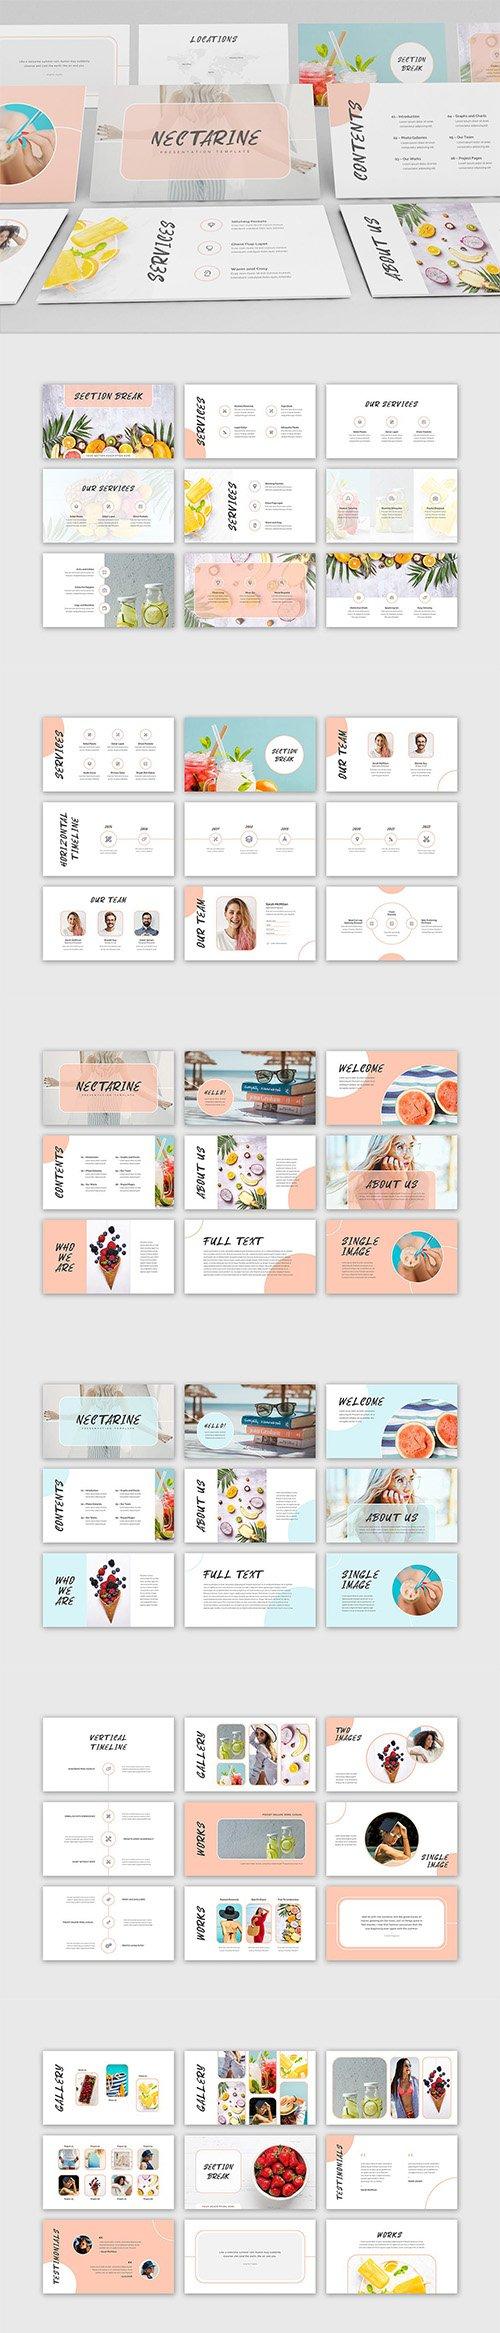 Nectarine PowerPoint Presentation Template